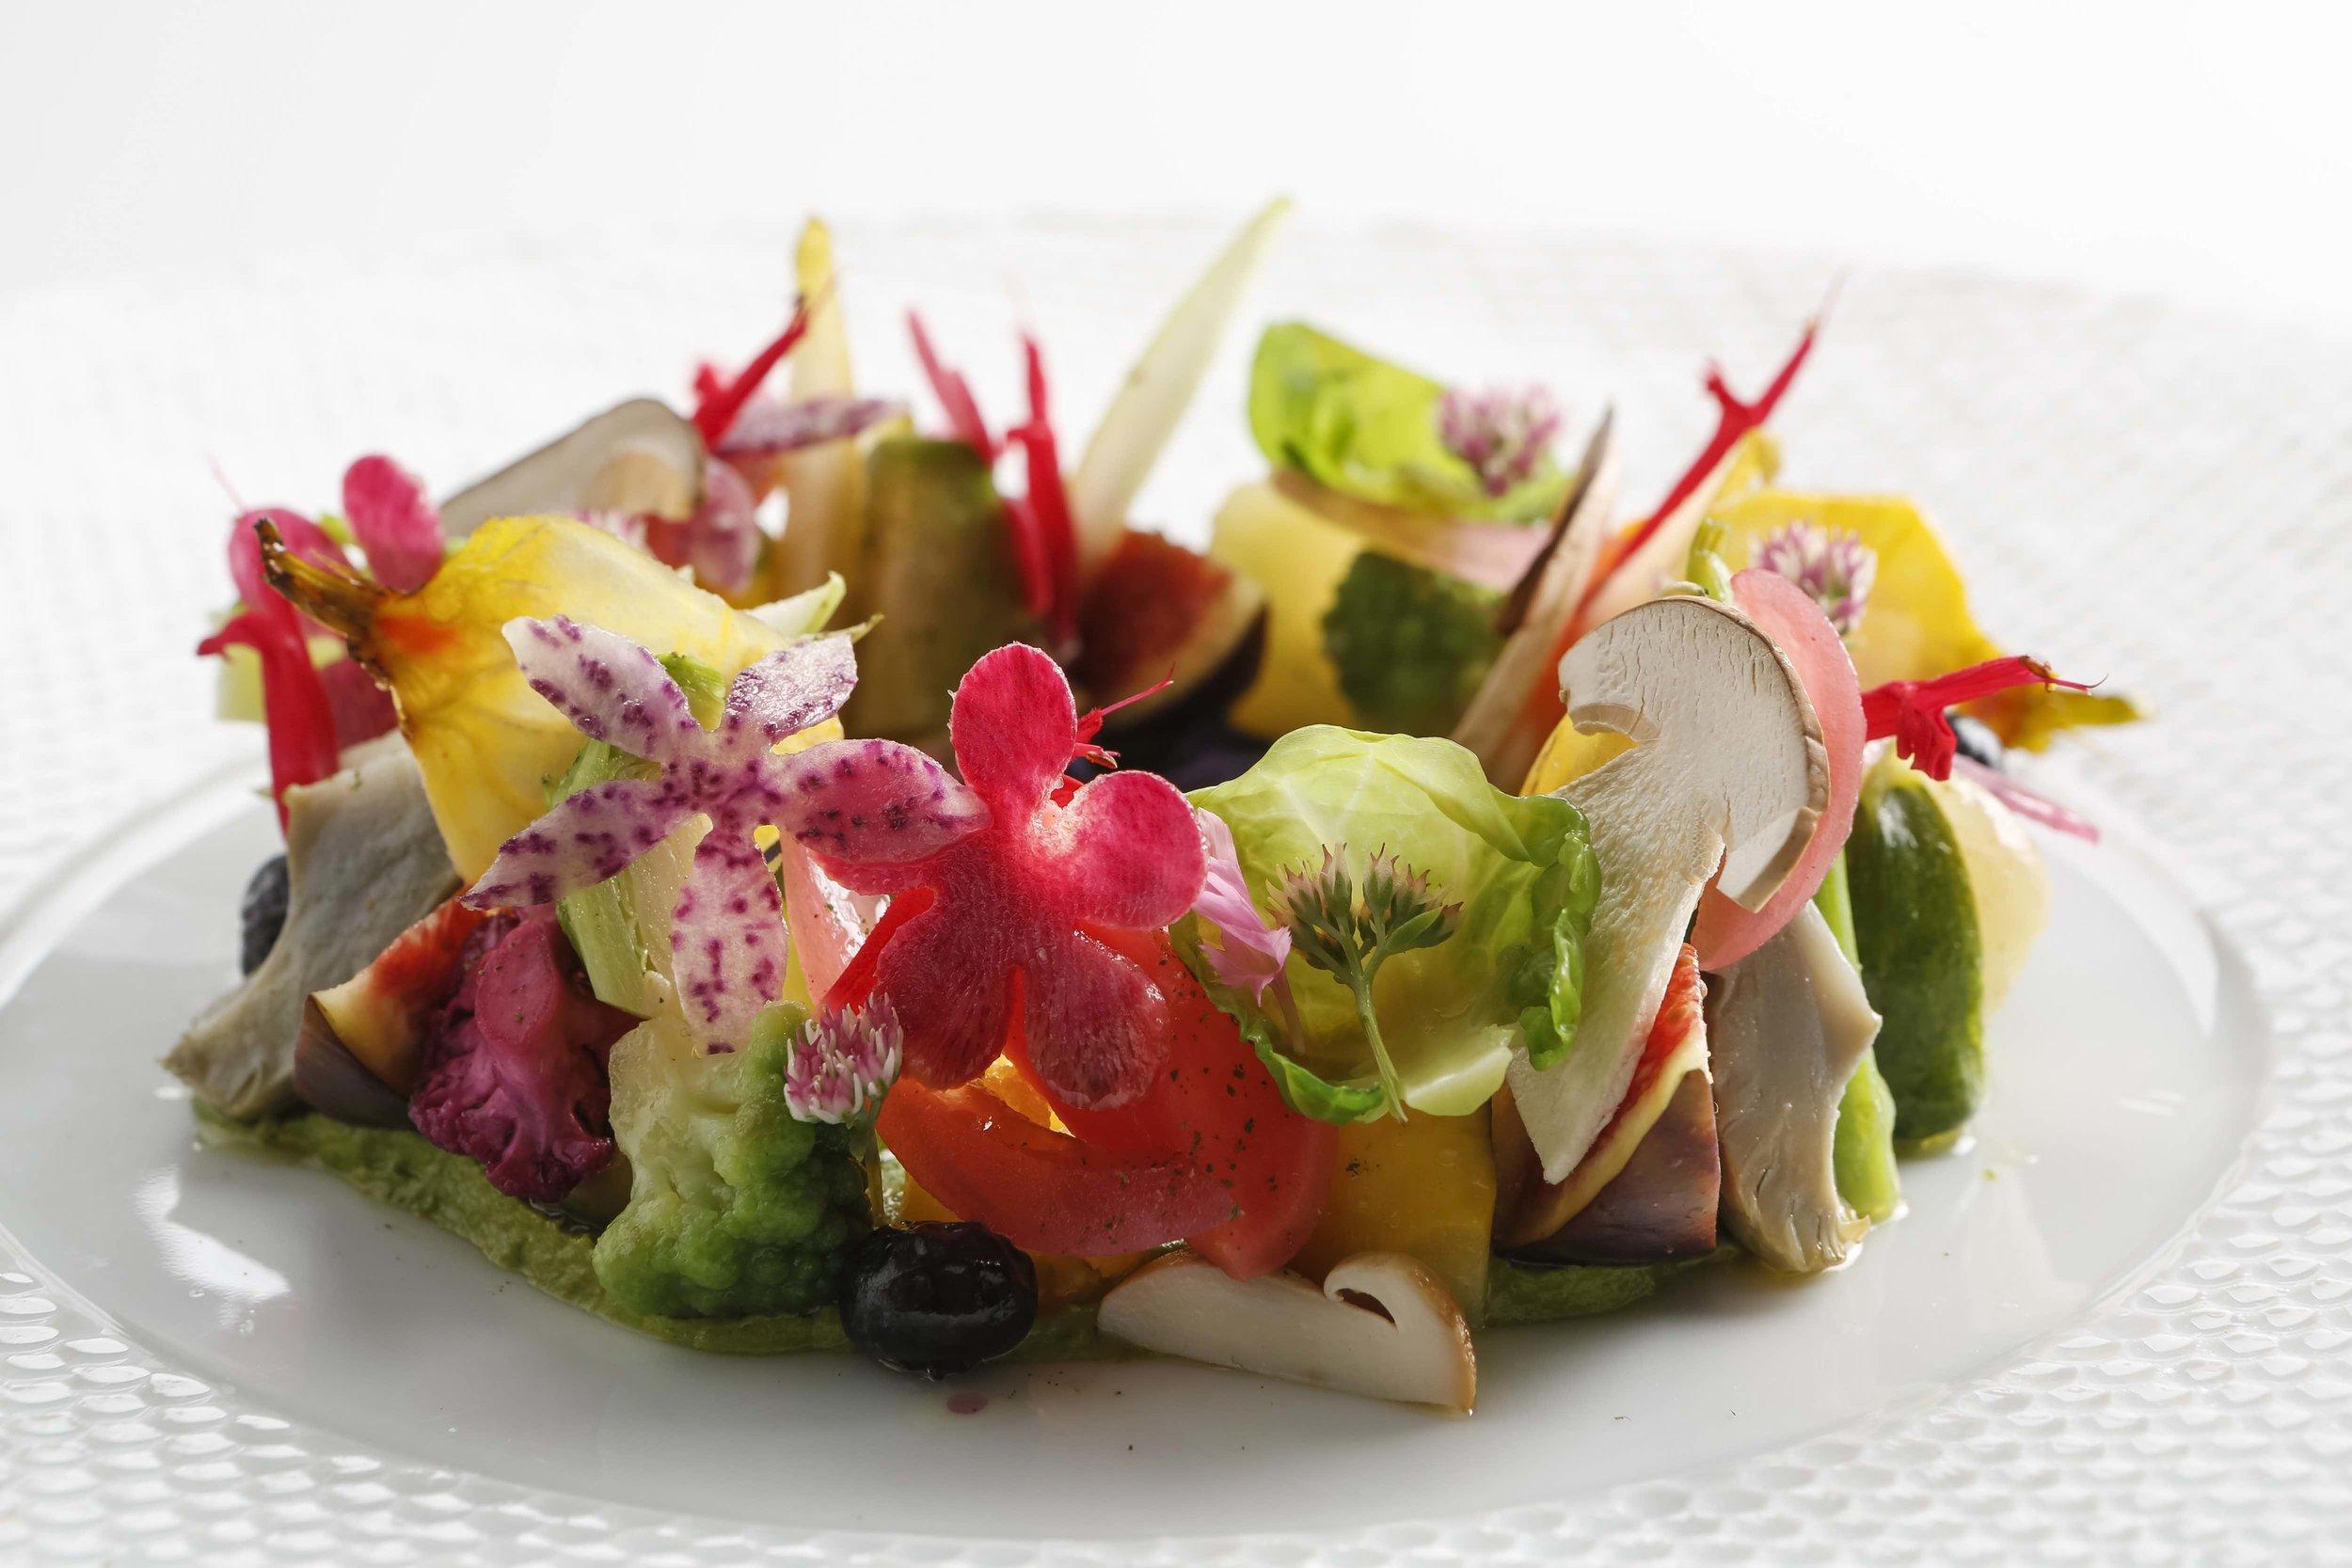 Le-Jardin-Salade-croquante-de-légumes-d'automne-7.jpg